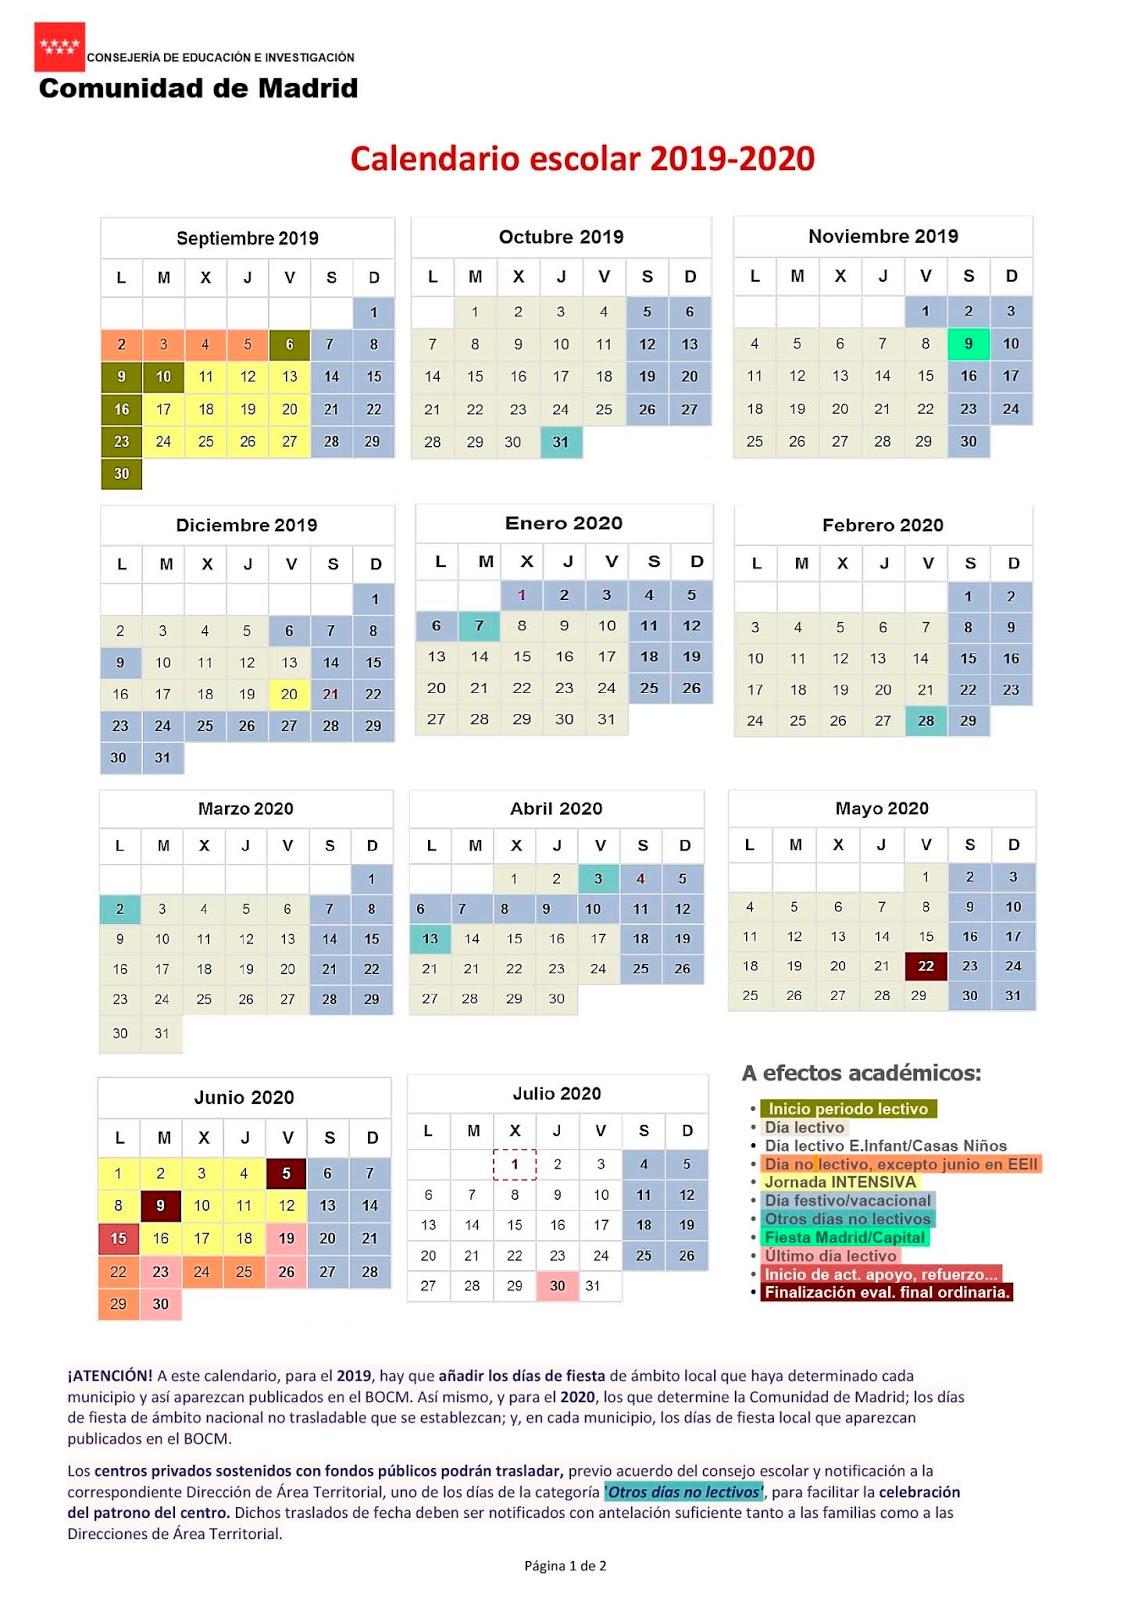 Calendario Escolar Valencia 2020.Mareaverde Calendario Escolar 2019 2020